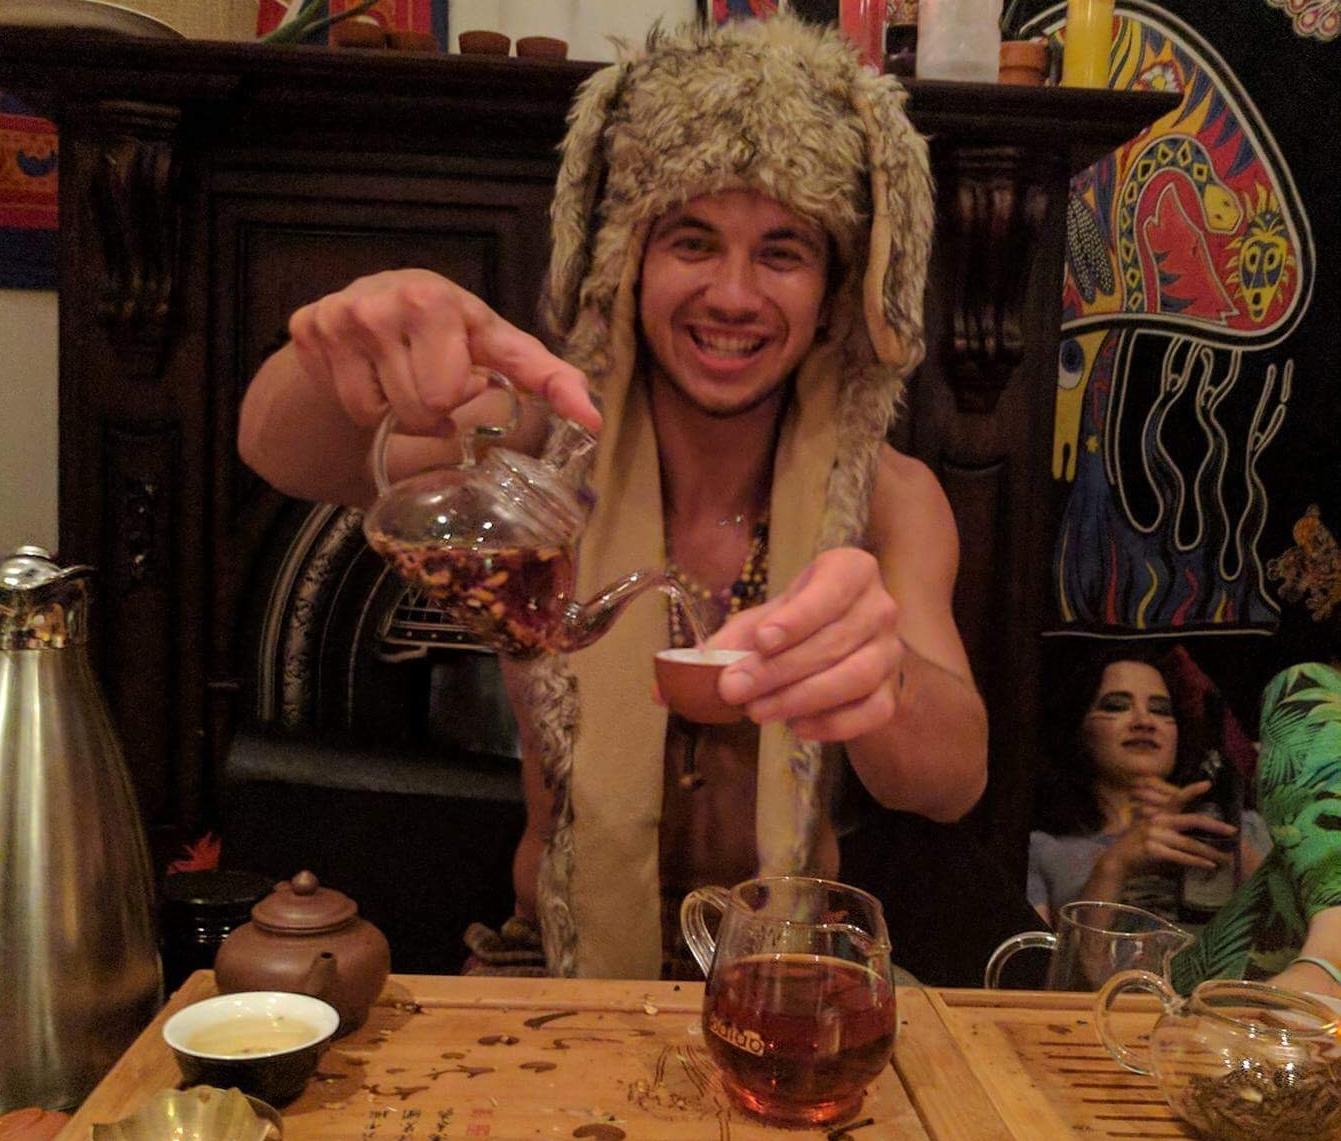 Serving Tea at a Party